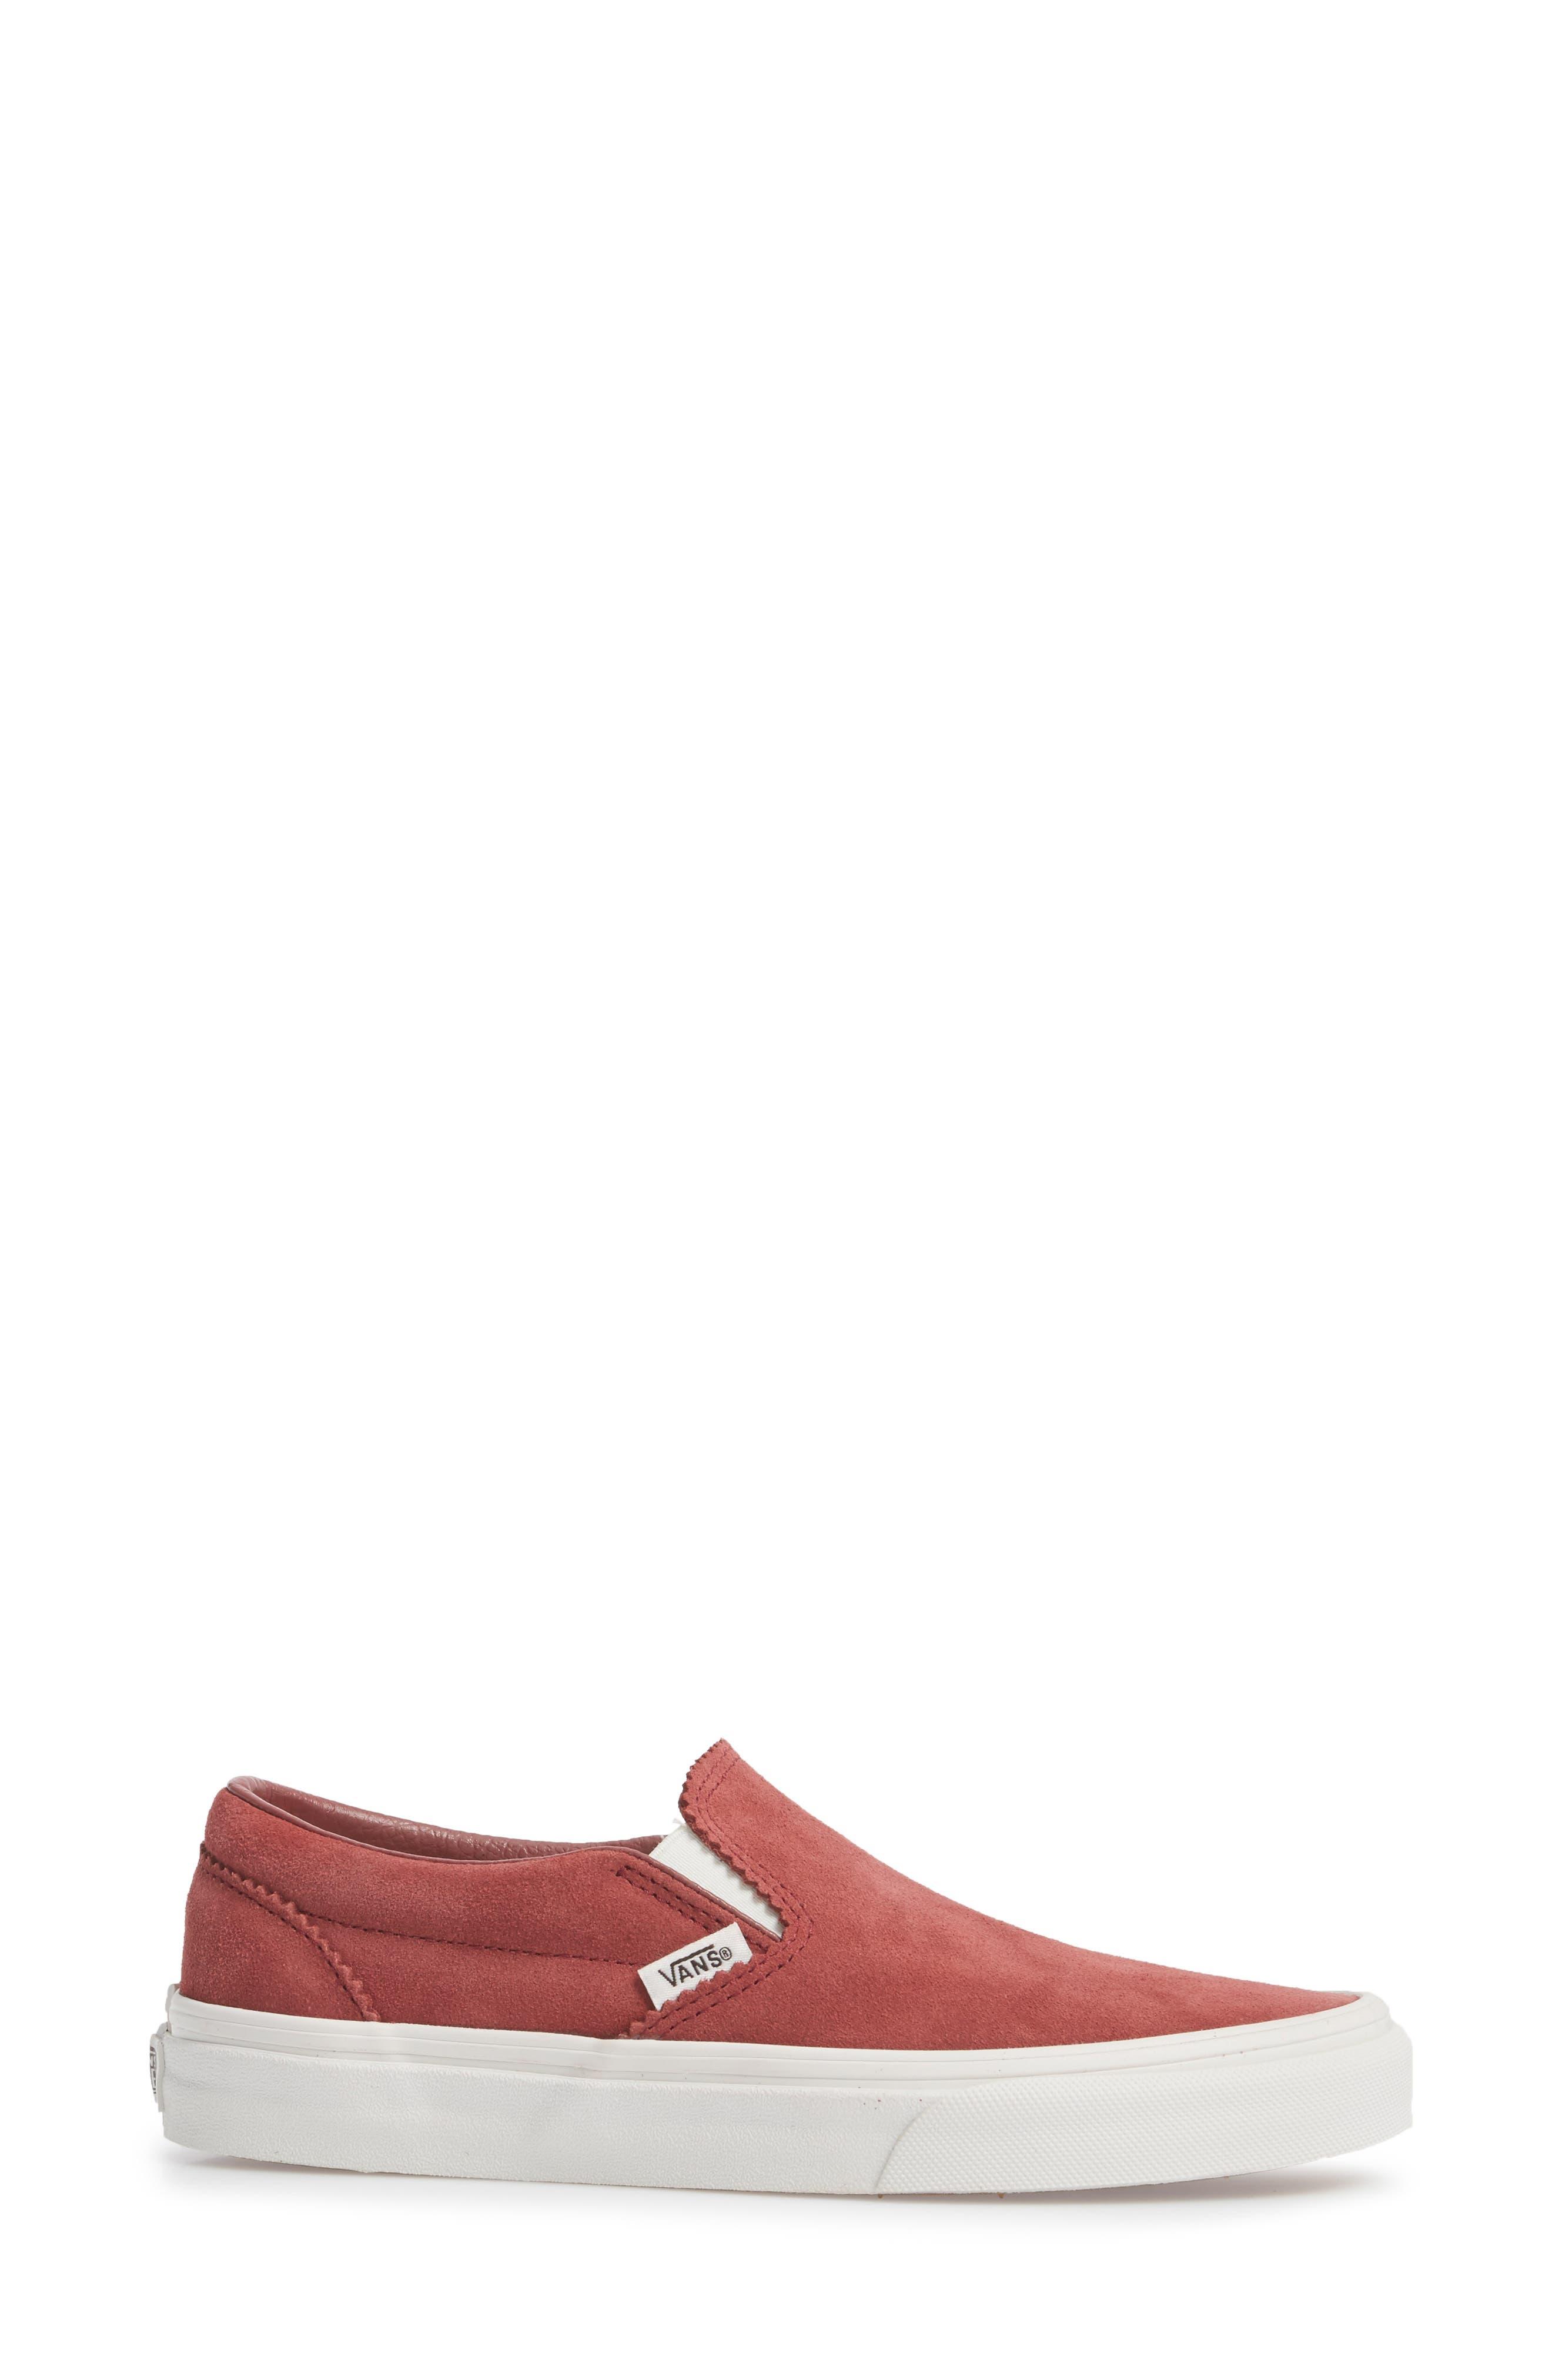 ,                             Classic Slip-On Sneaker,                             Alternate thumbnail 179, color,                             600